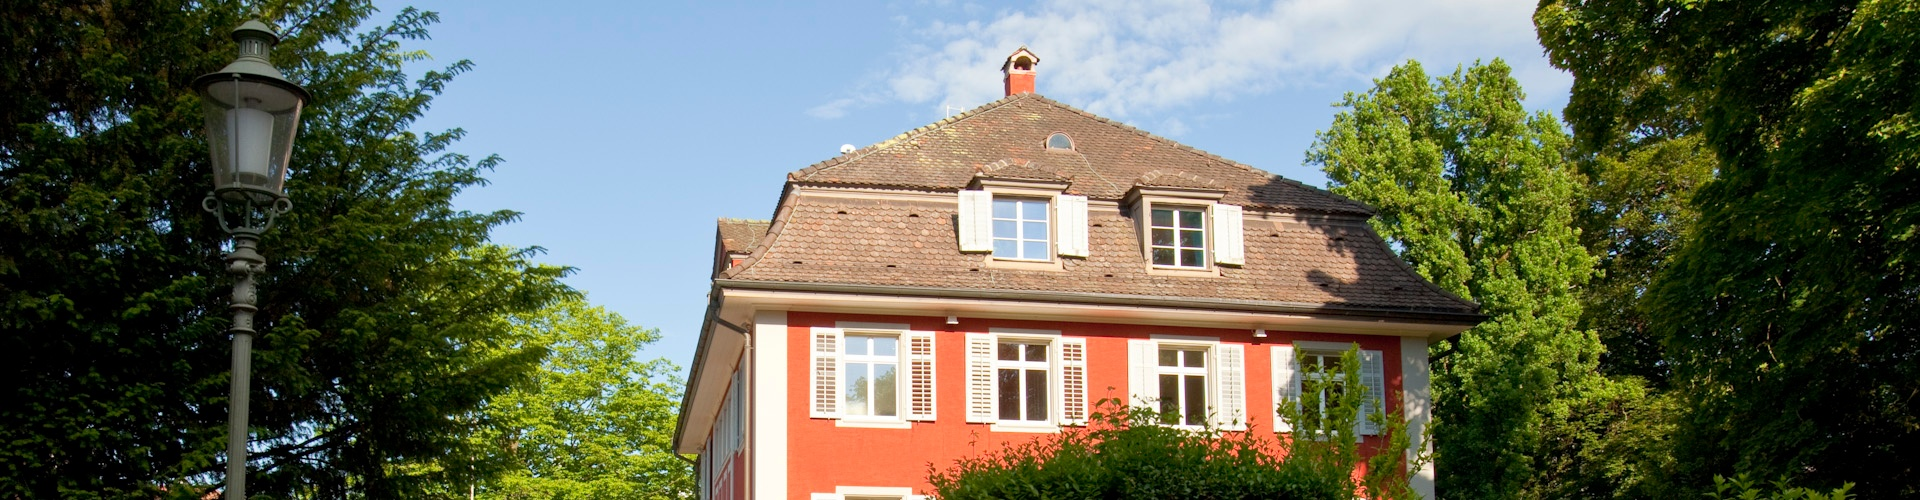 HAW Geschäftsstelle Villa am Jakobsbrunnen Schwalmenackerstrasse 4 8401 Winterthur